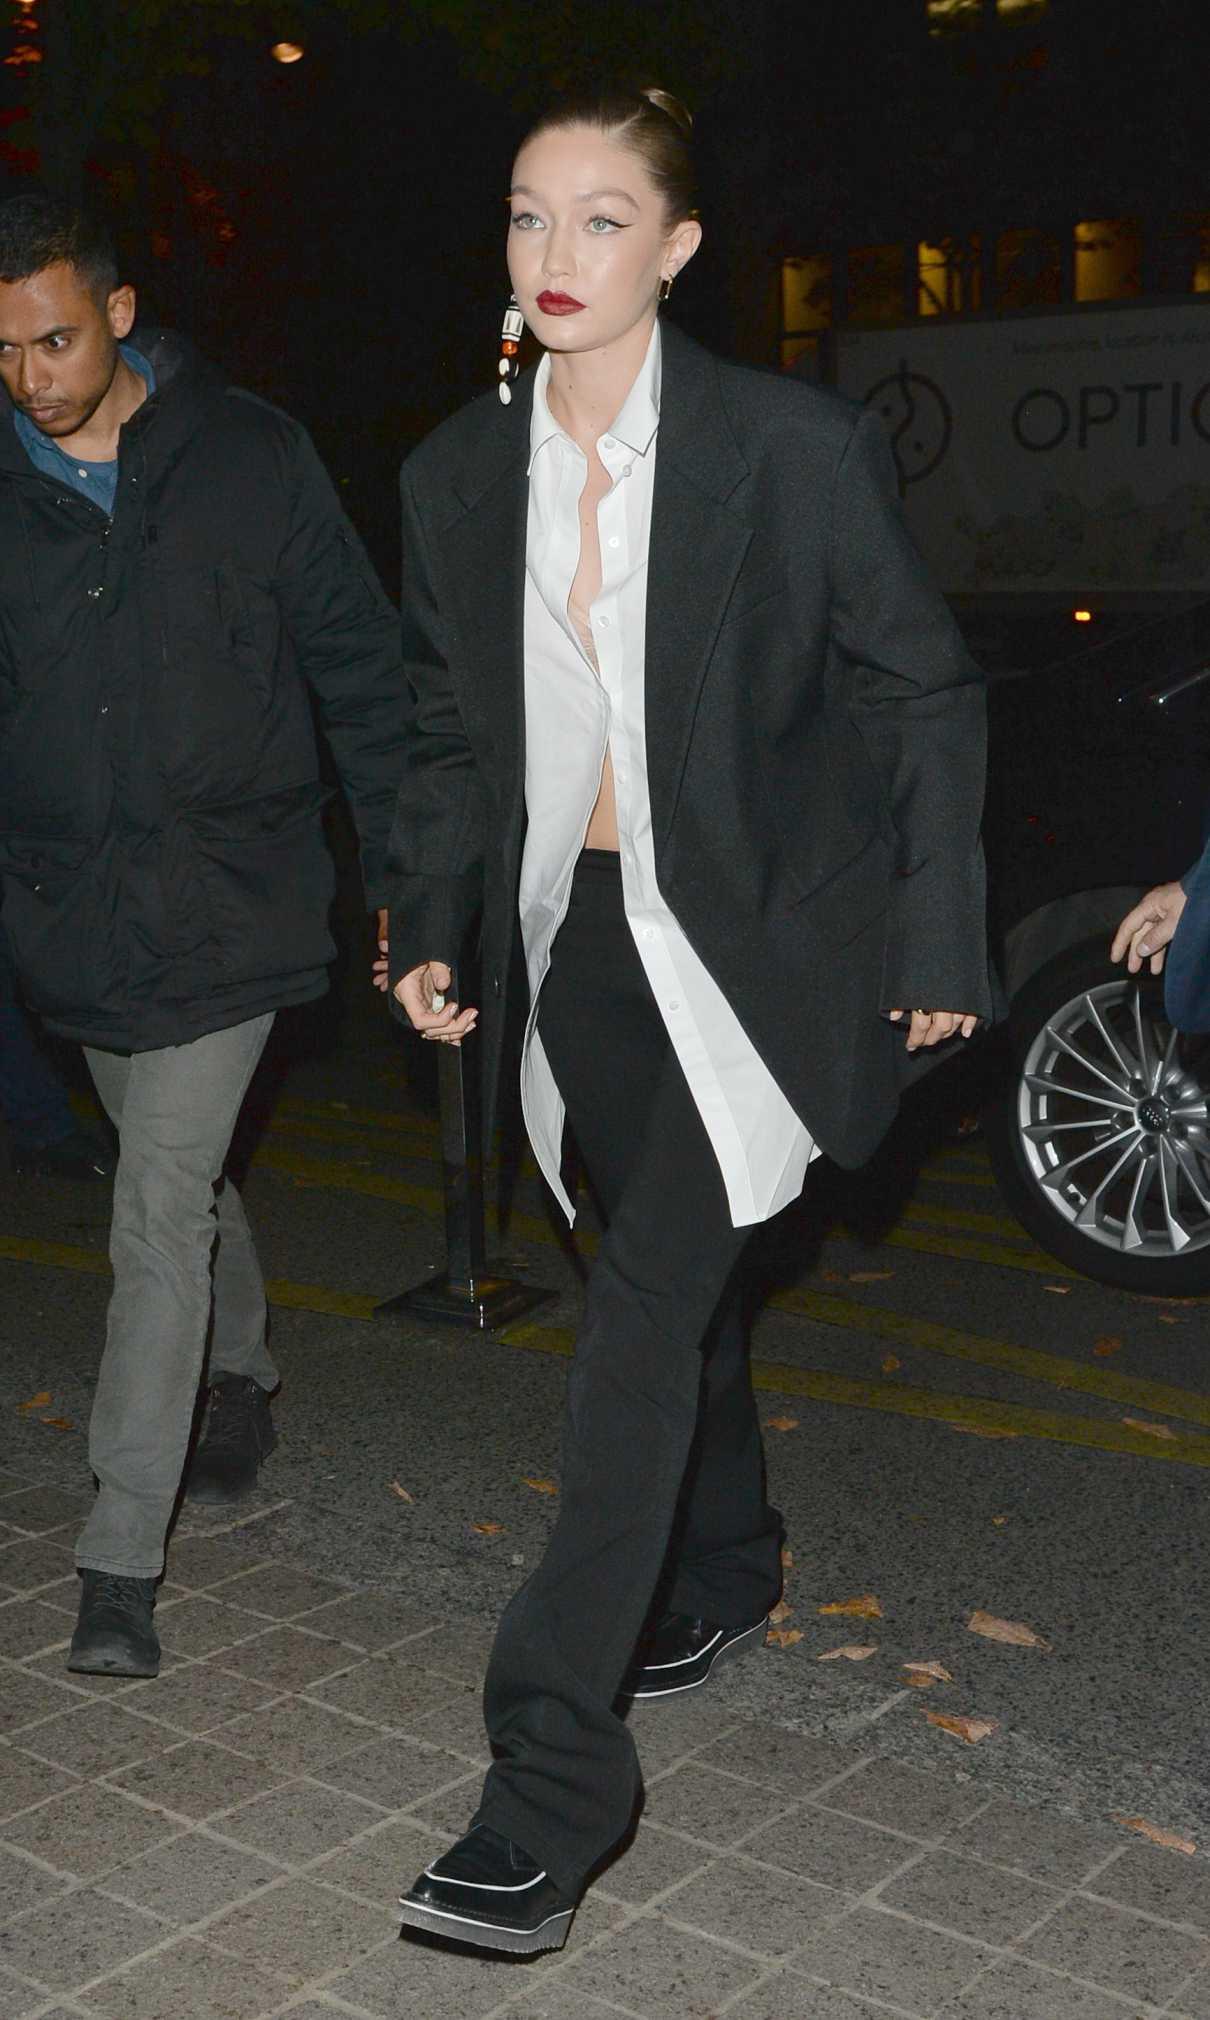 Gigi Hadid in a Black Blazer